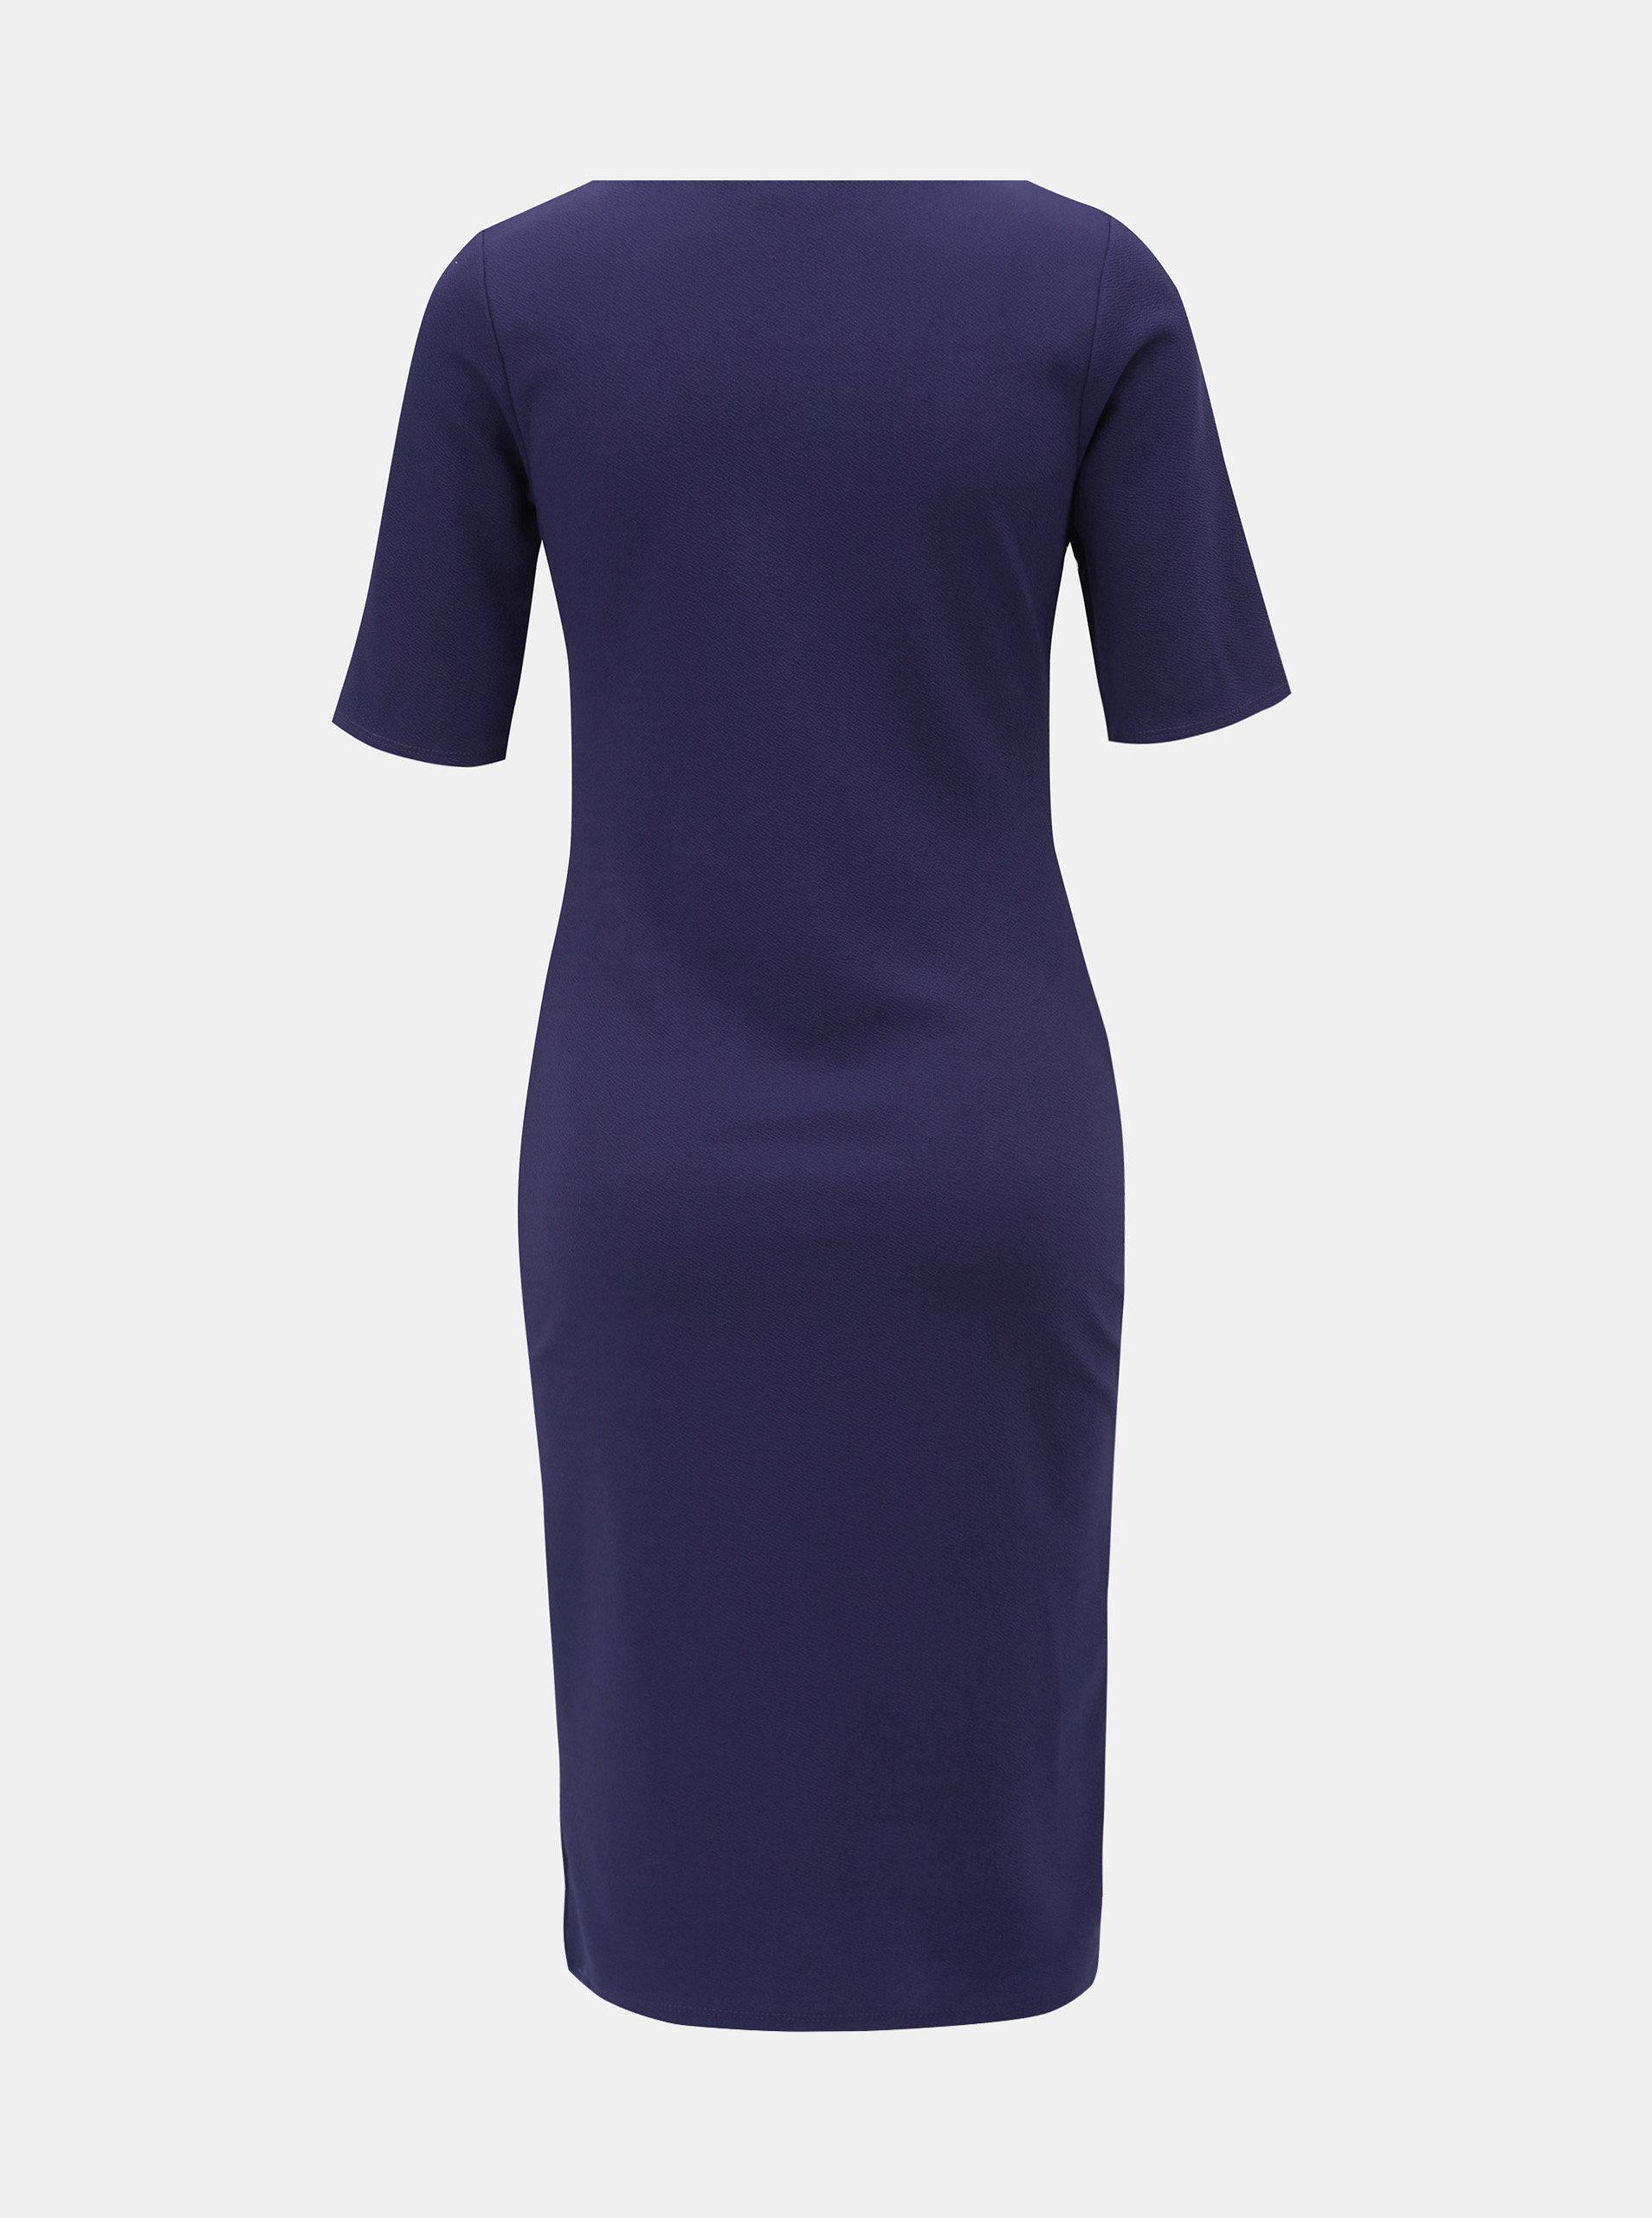 Modré pouzdrové šaty s krátkým rukávem Dorothy Perkins Tall ... 668085d485